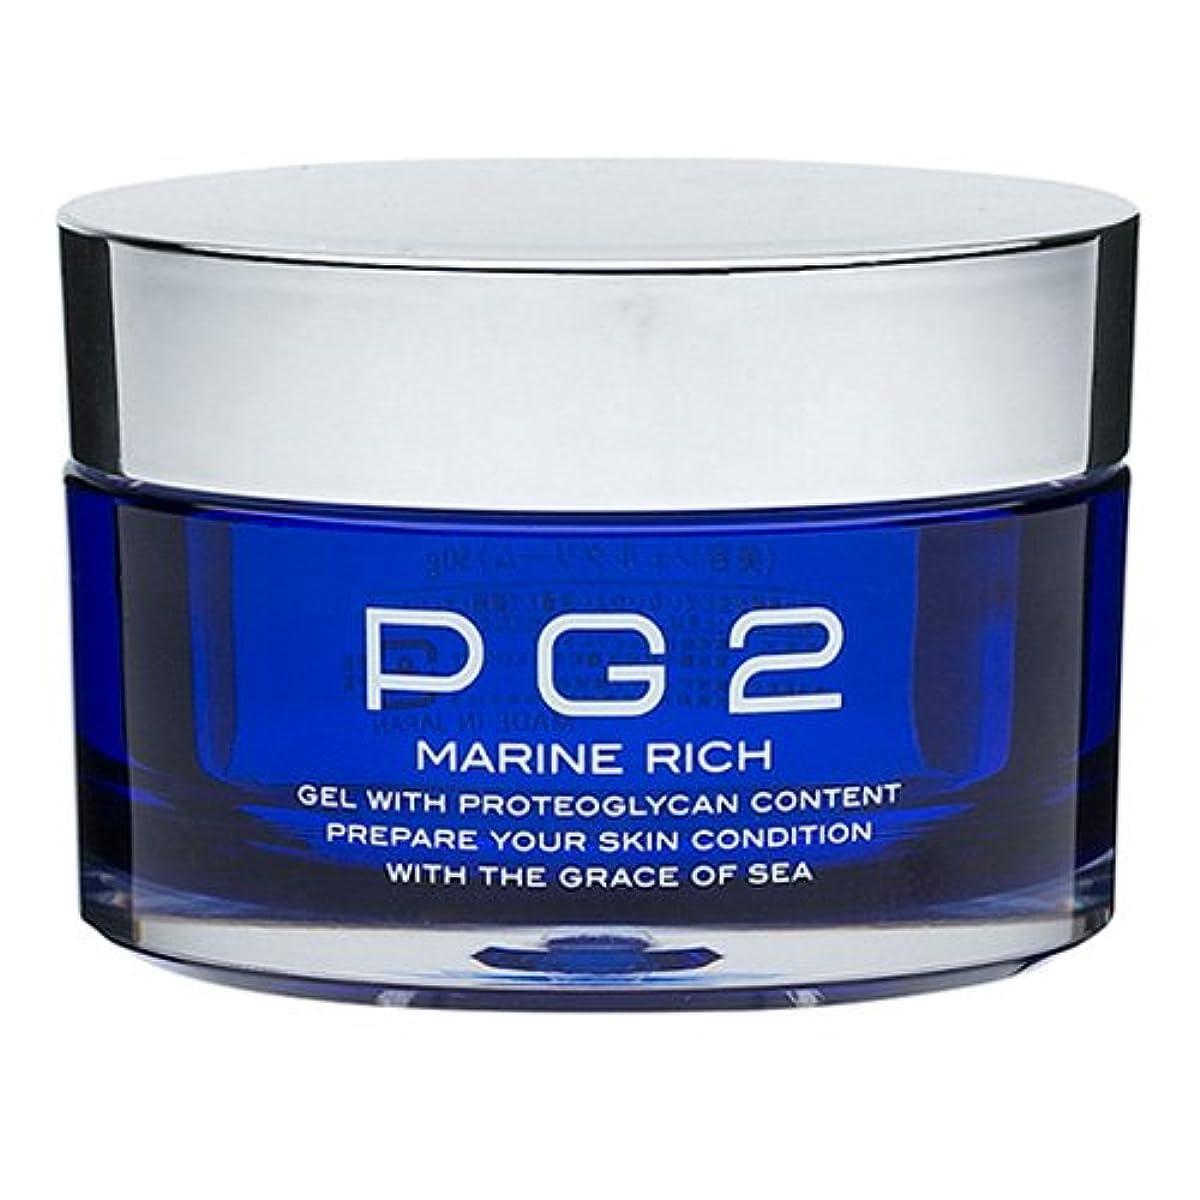 [해외] PG2 MARINE RICH 마린리치 1개 (50g×1)